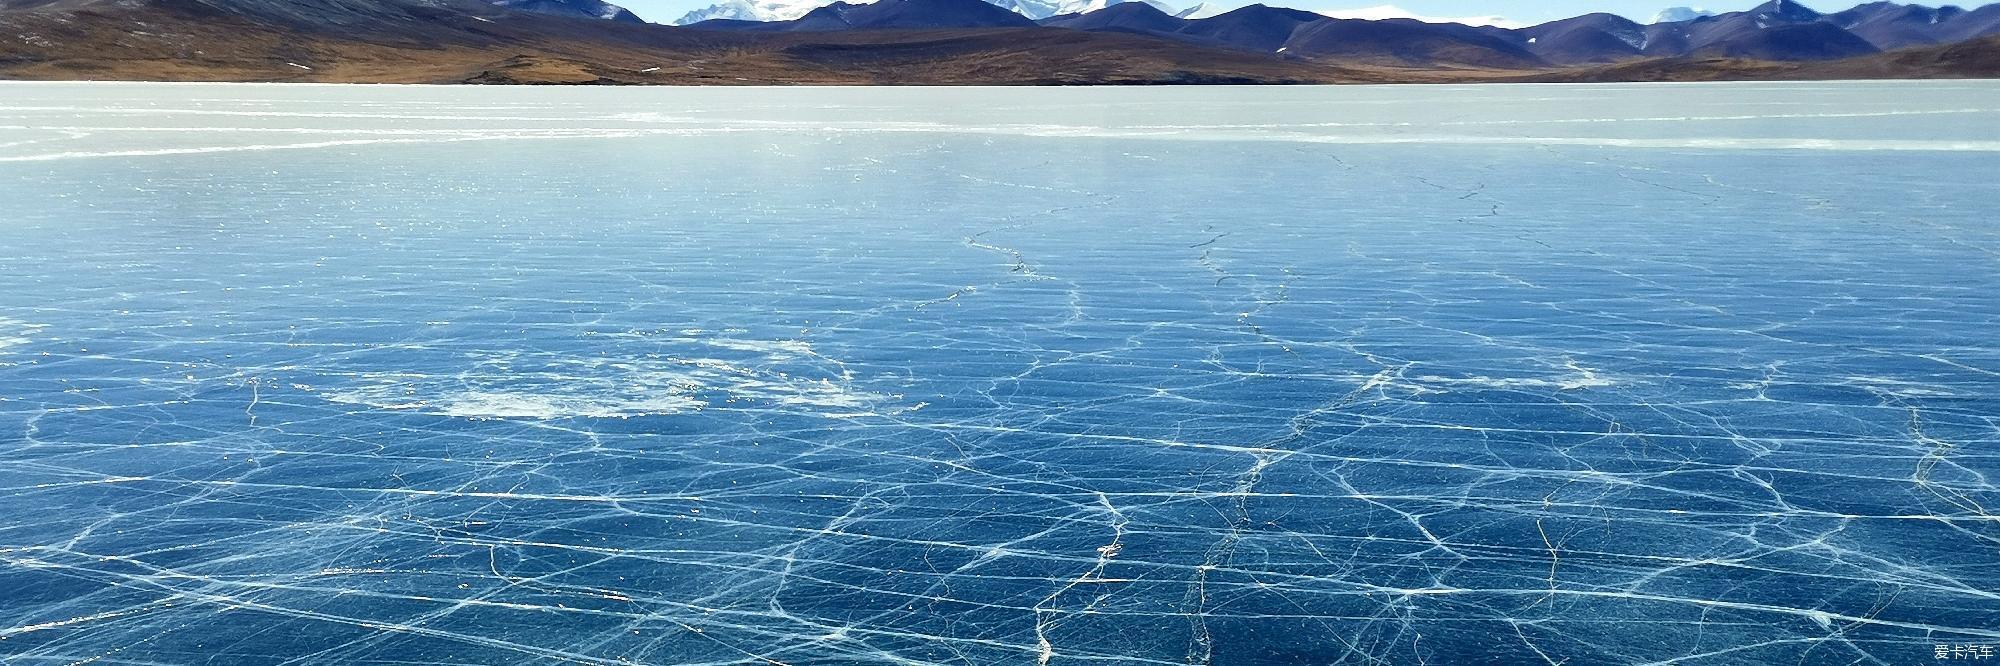 冬季的西藏有你想象不到的美